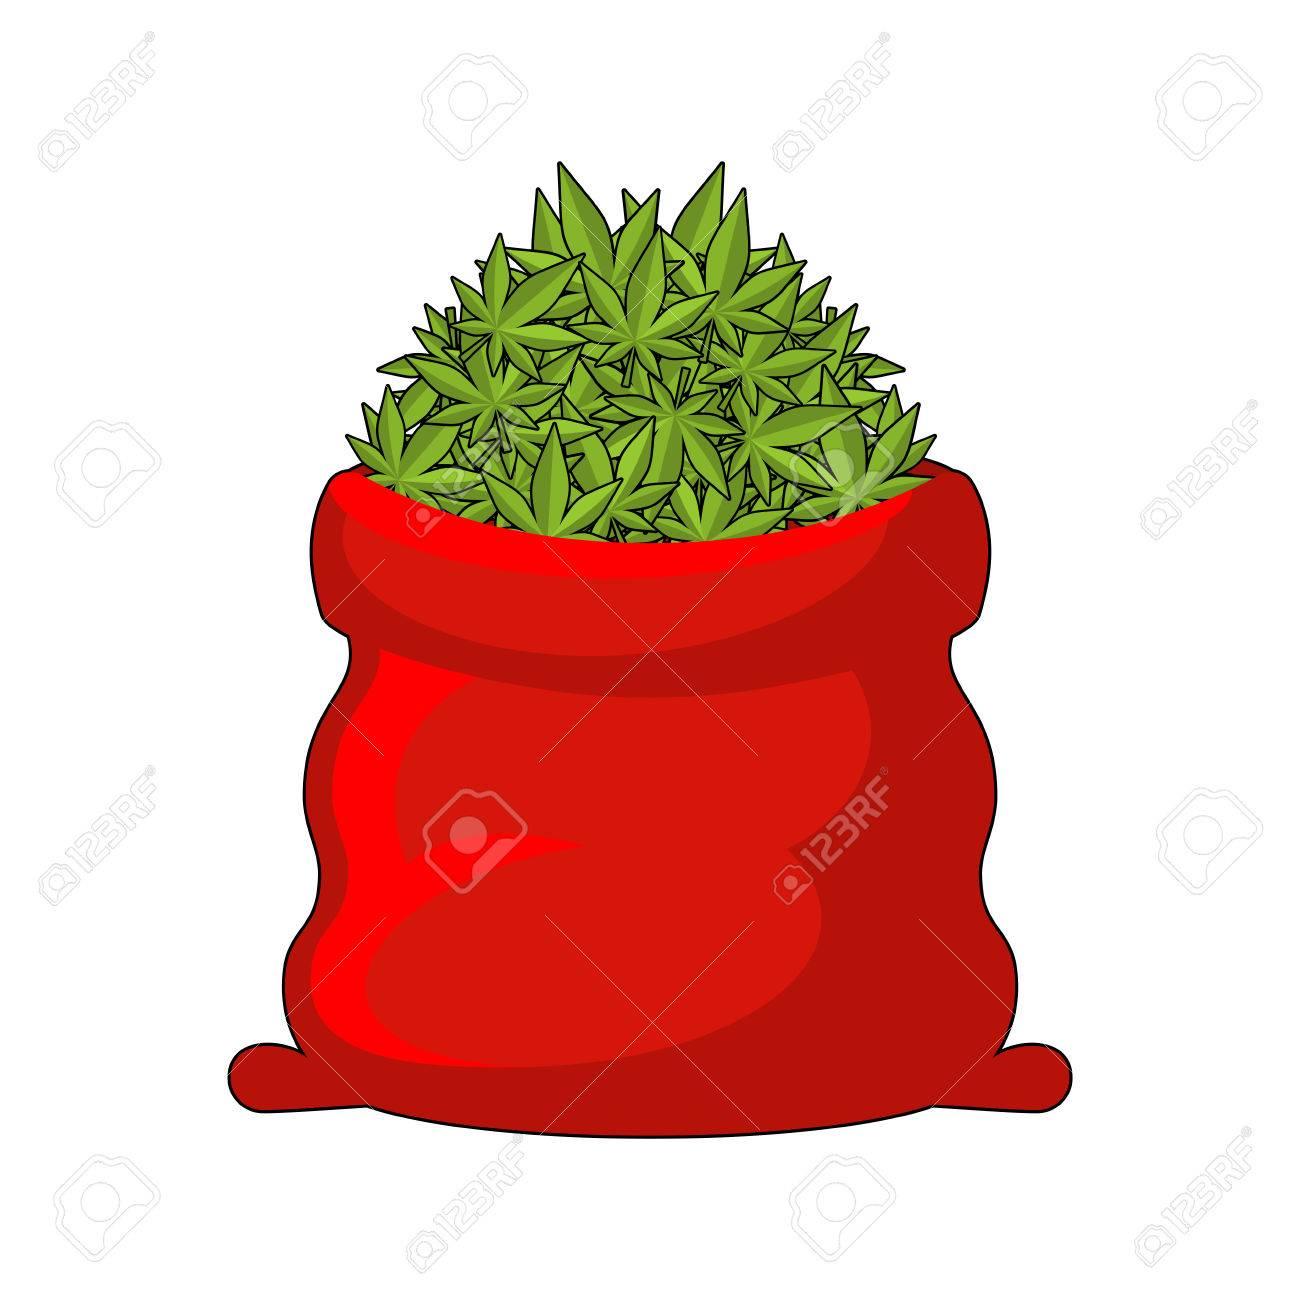 Large red bag of marijuana. Smoking drug. heap